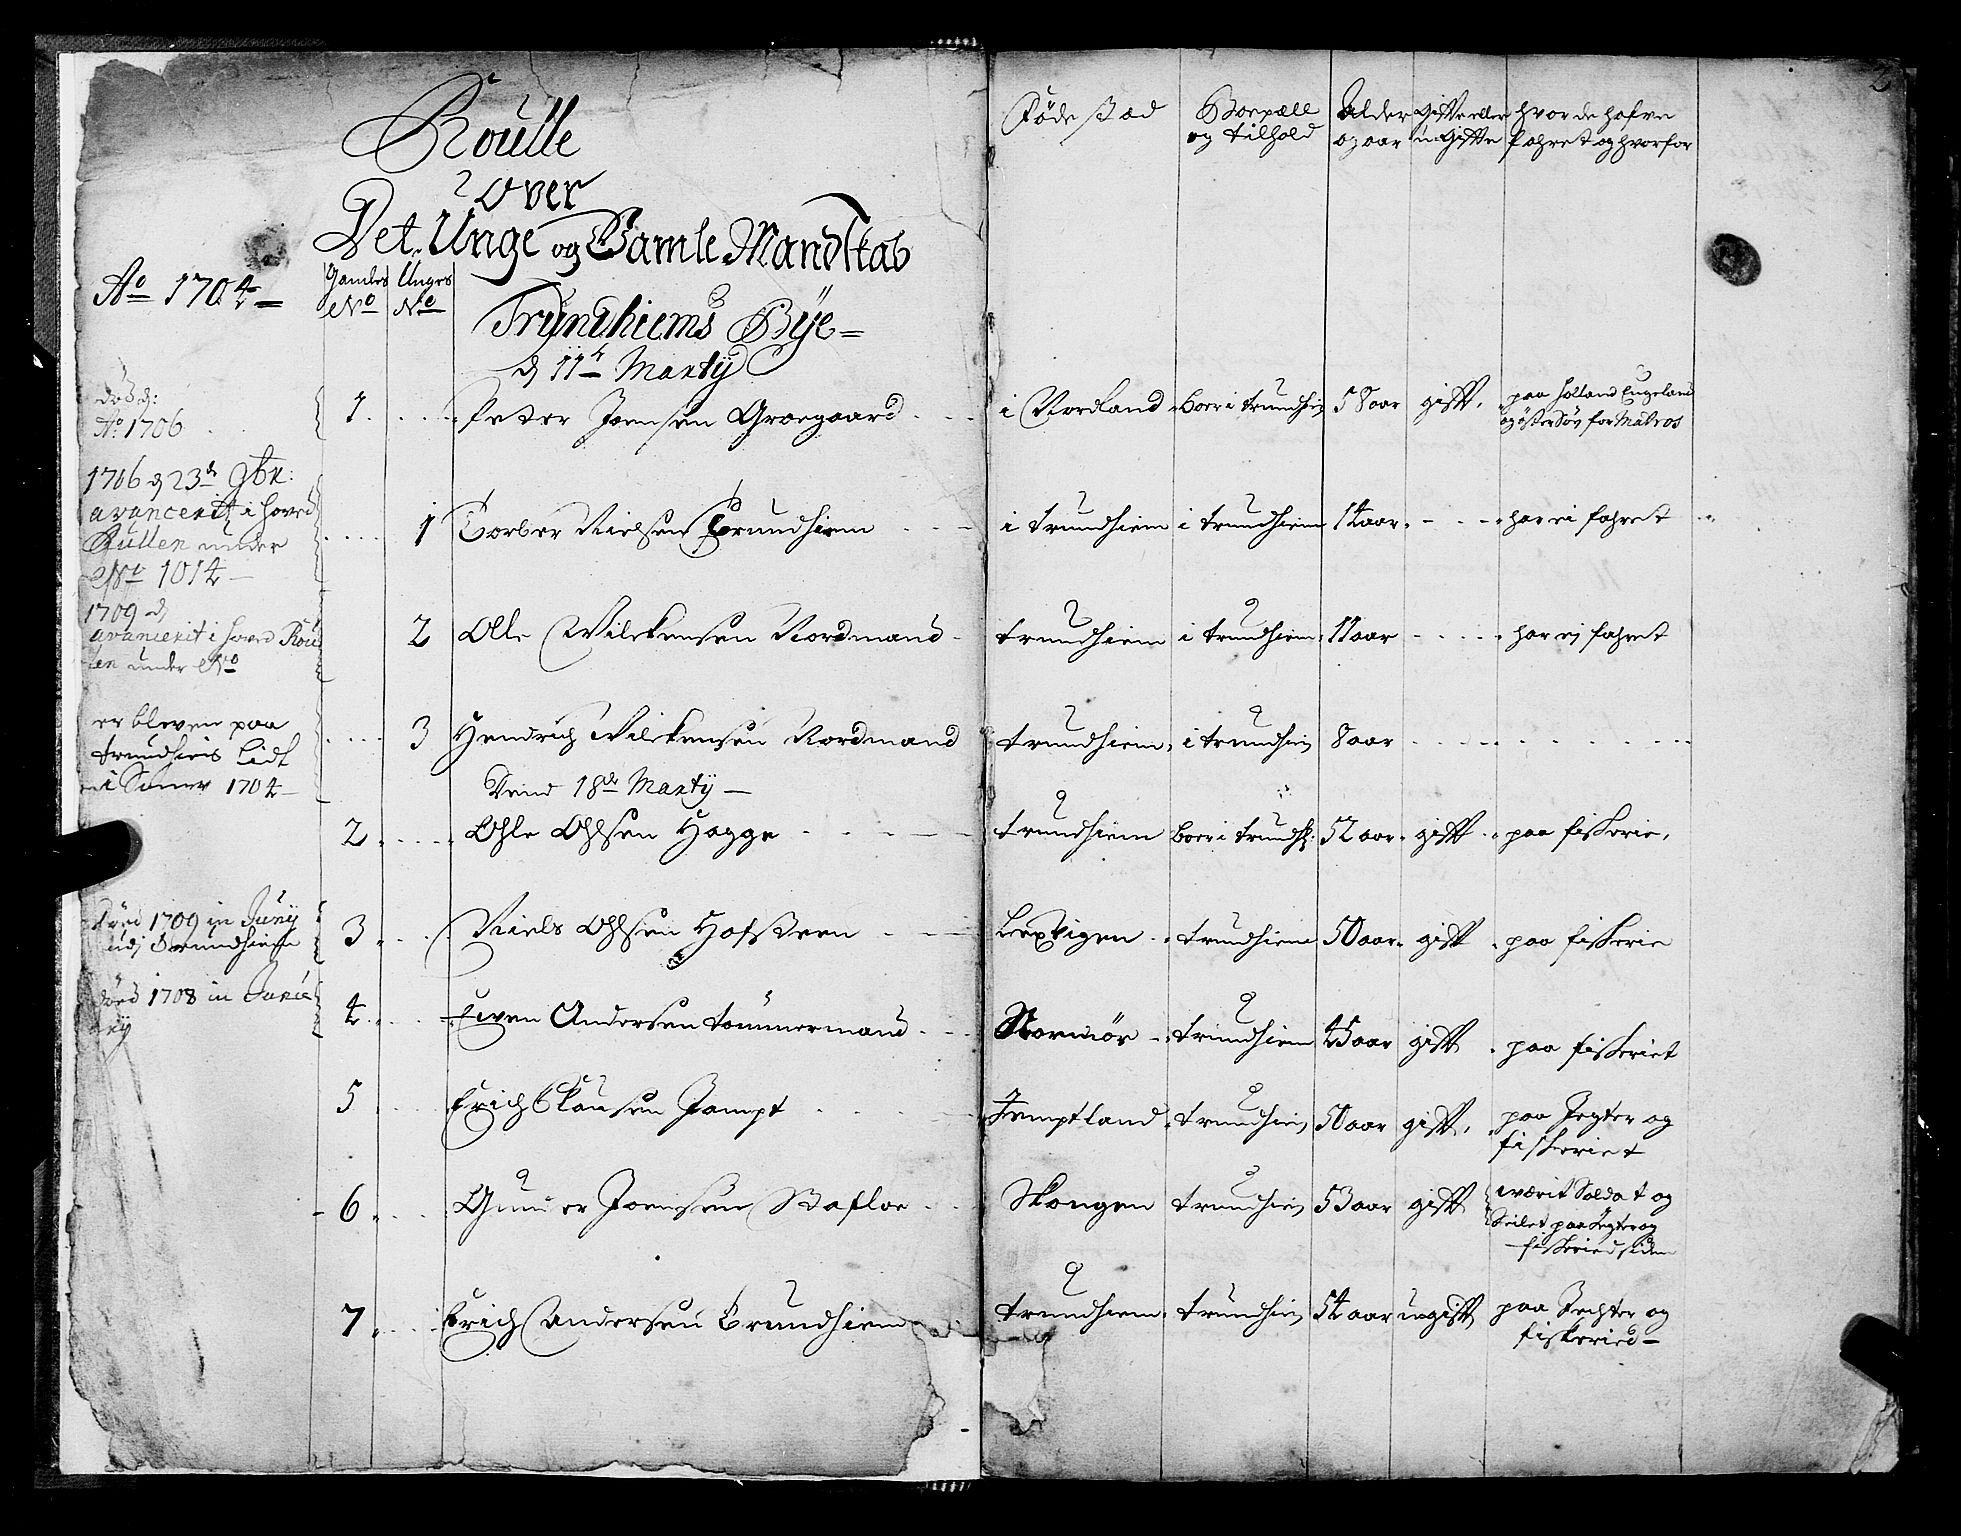 SAT, Sjøinnrulleringen - Trondhjemske distrikt, 01/L0004: Ruller over sjøfolk i Trondhjem by, 1704-1710, p. 2